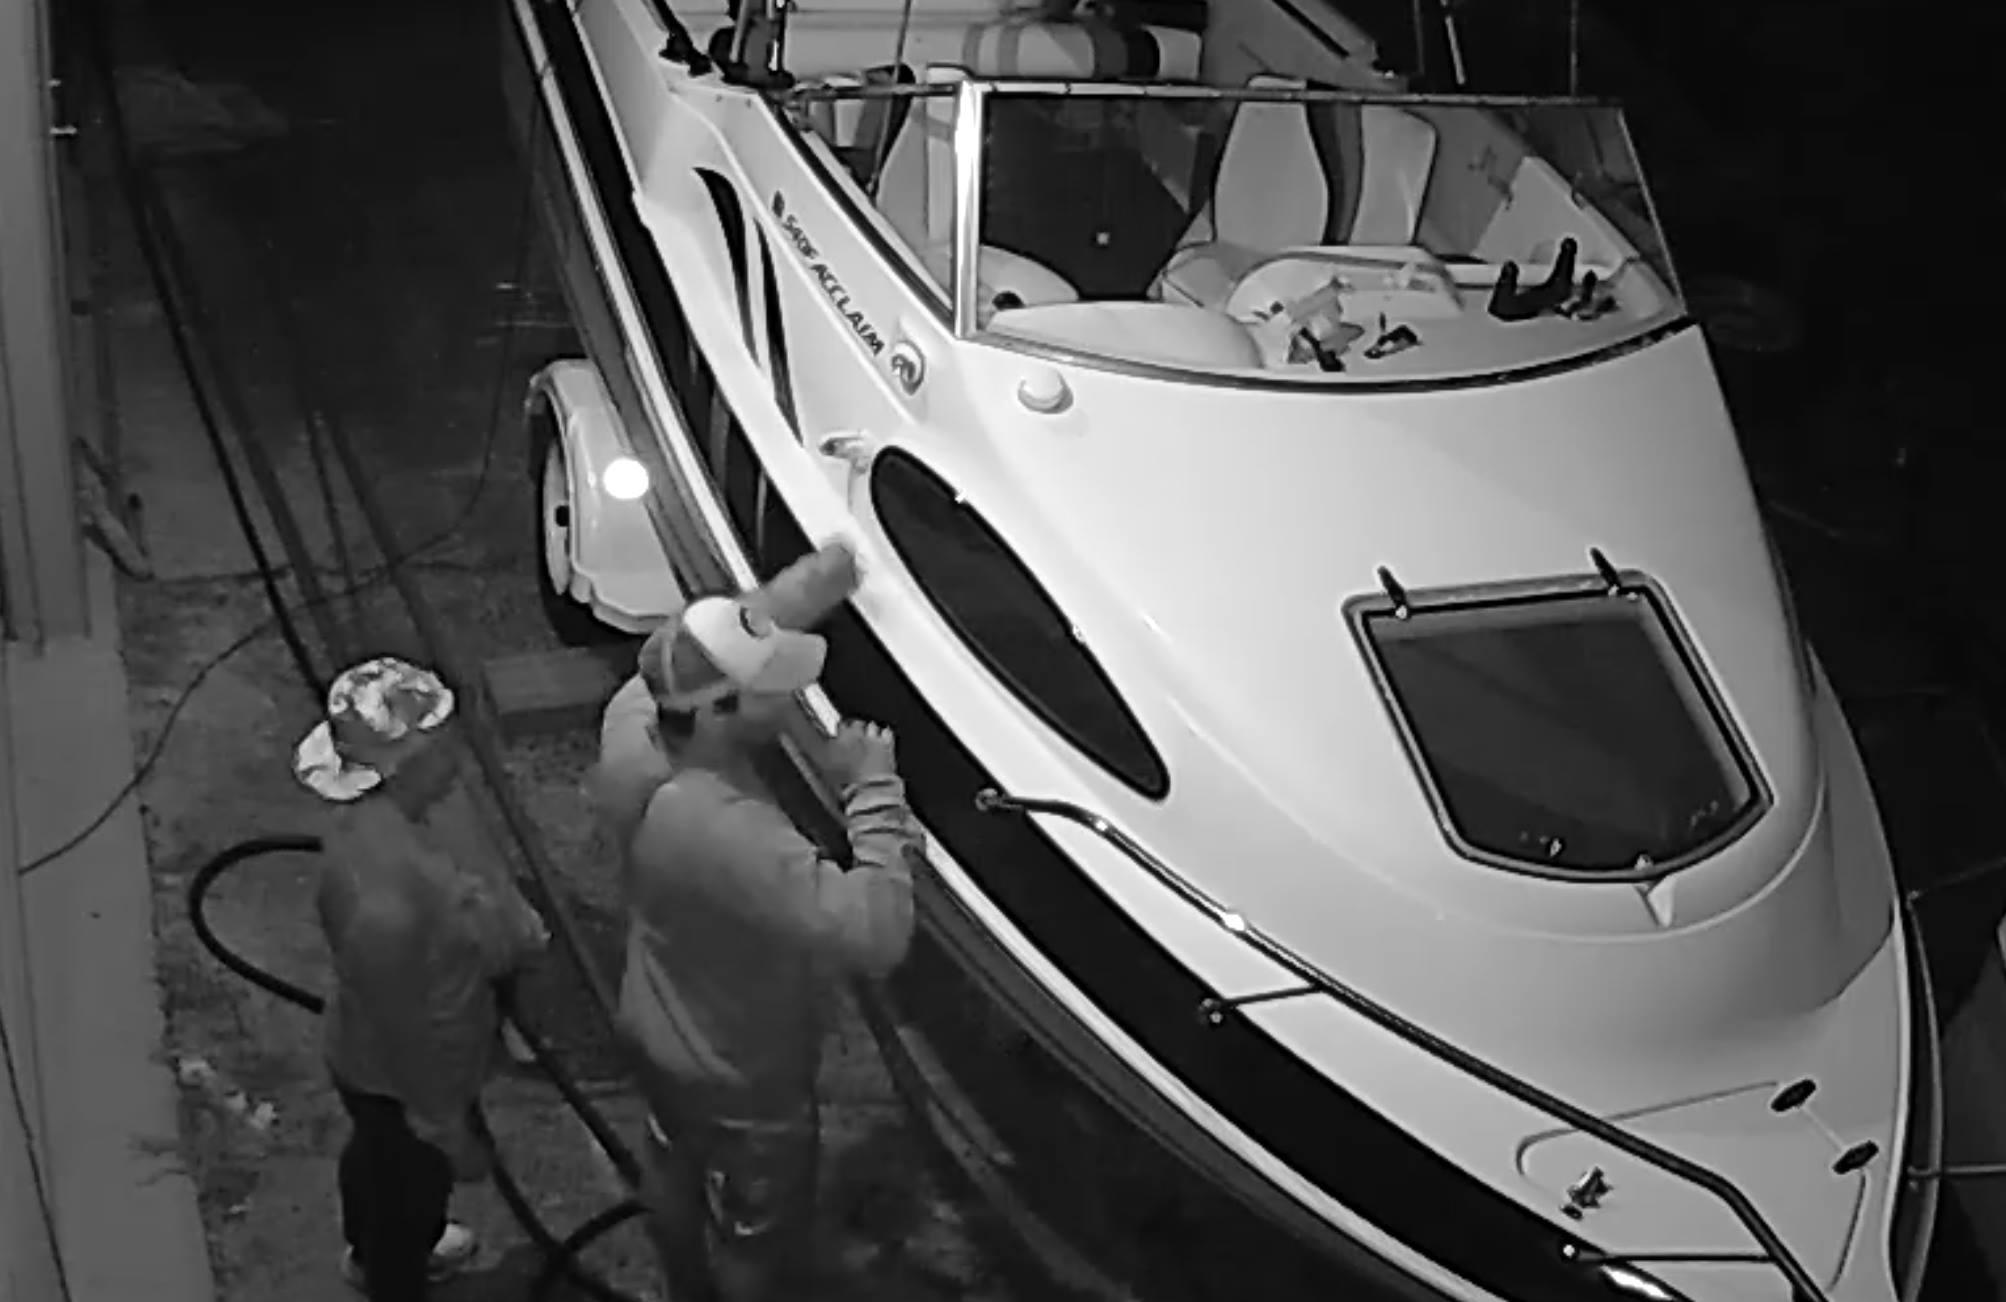 """Sốc với cặp đôi làm """"chuyện ấy"""" sau khi vào du thuyền ăn trộm - 1"""